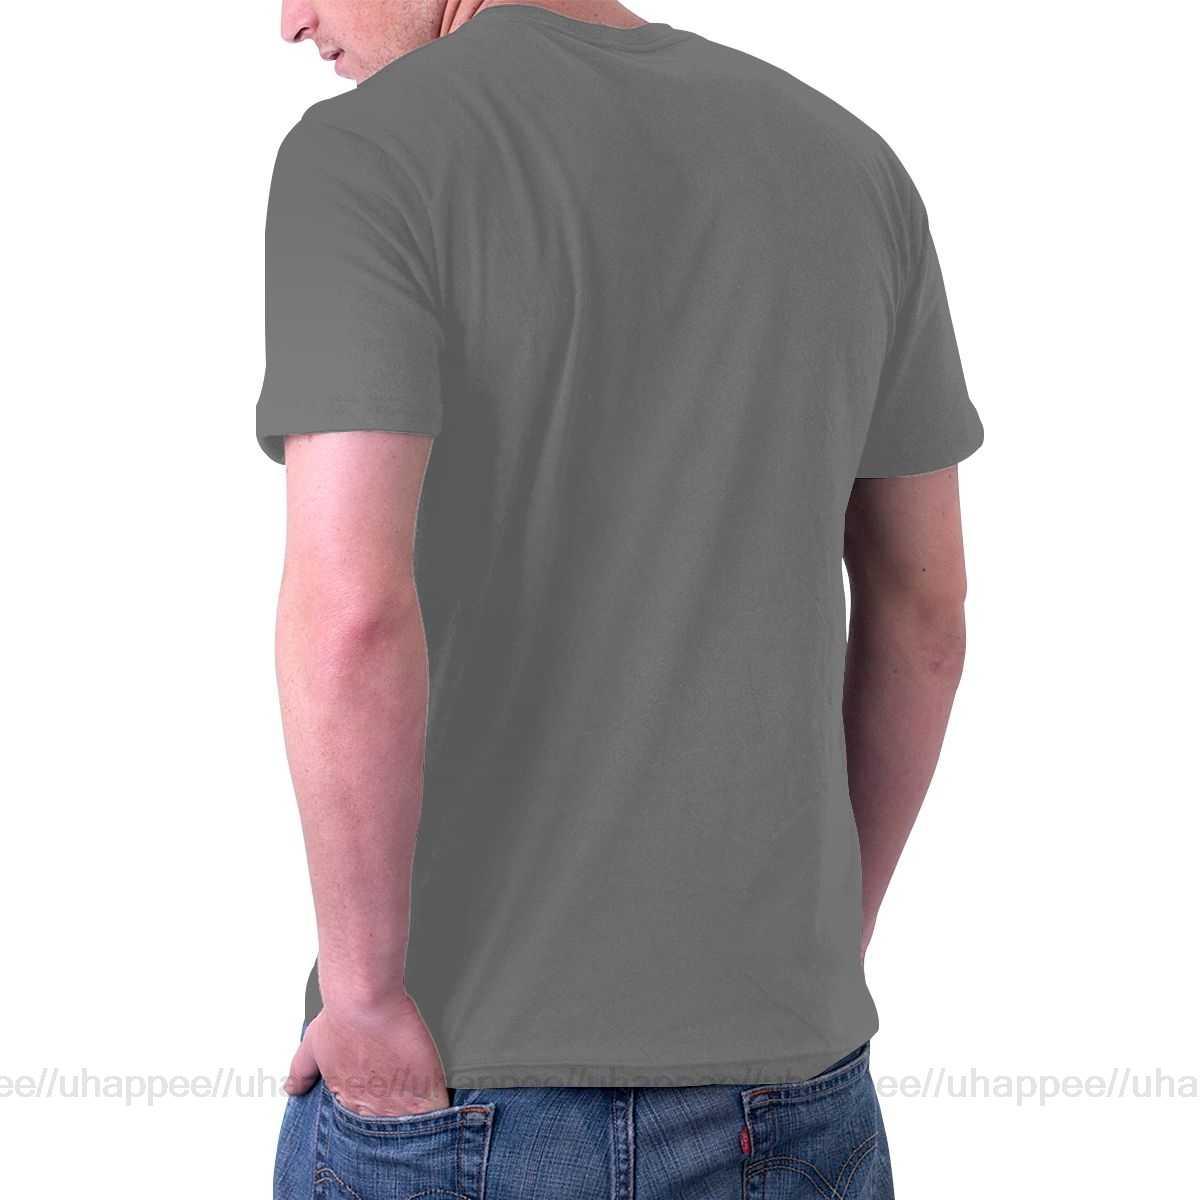 Las mejores camisetas con estampado de huellas dactilares de bandera de Tayikistán, camisetas con estampado personalizado de manga corta de algodón suave con cuello redondo para hombre